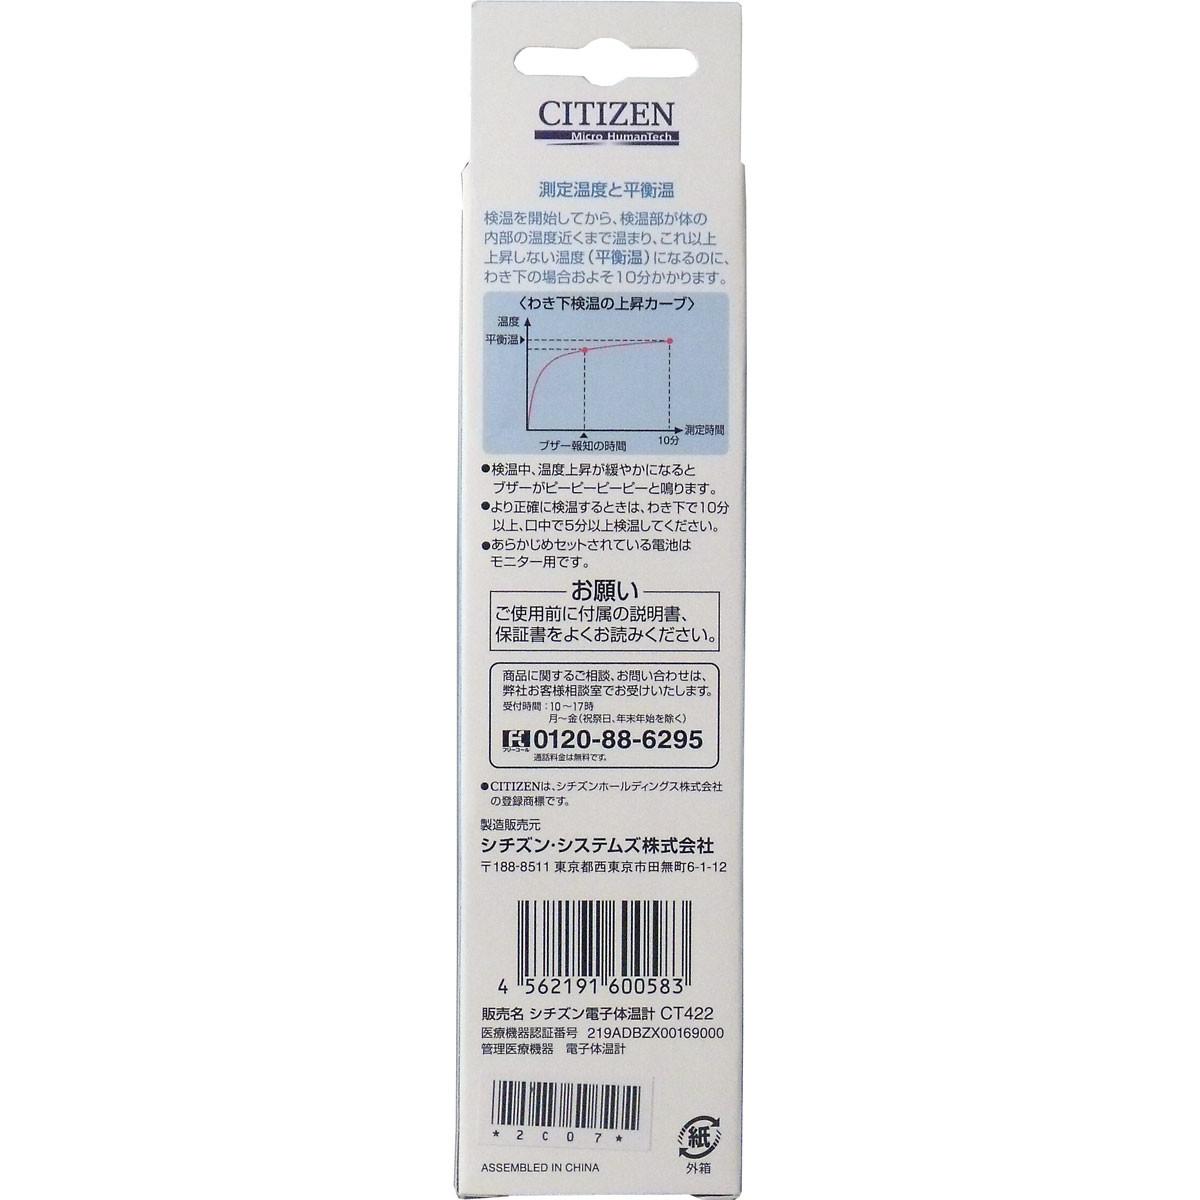 シチズン 体温計 電池